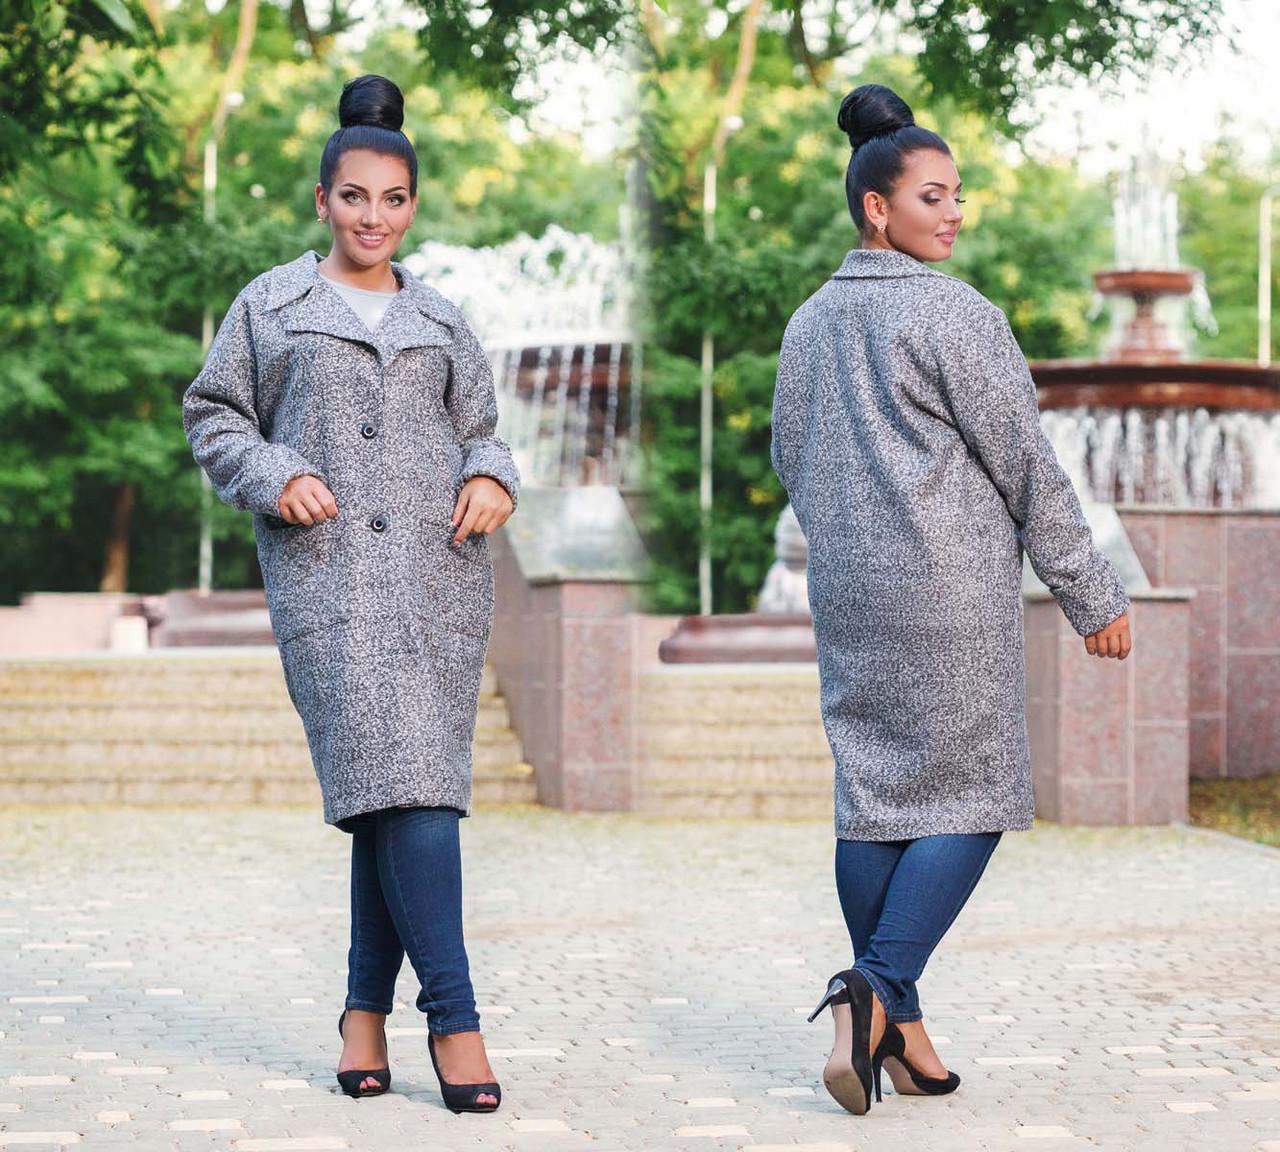 """Елегантне пальто жіноче демисезон у великих розмірах """"Букле Овер Міді"""" в кольорах (DG-з 495)"""